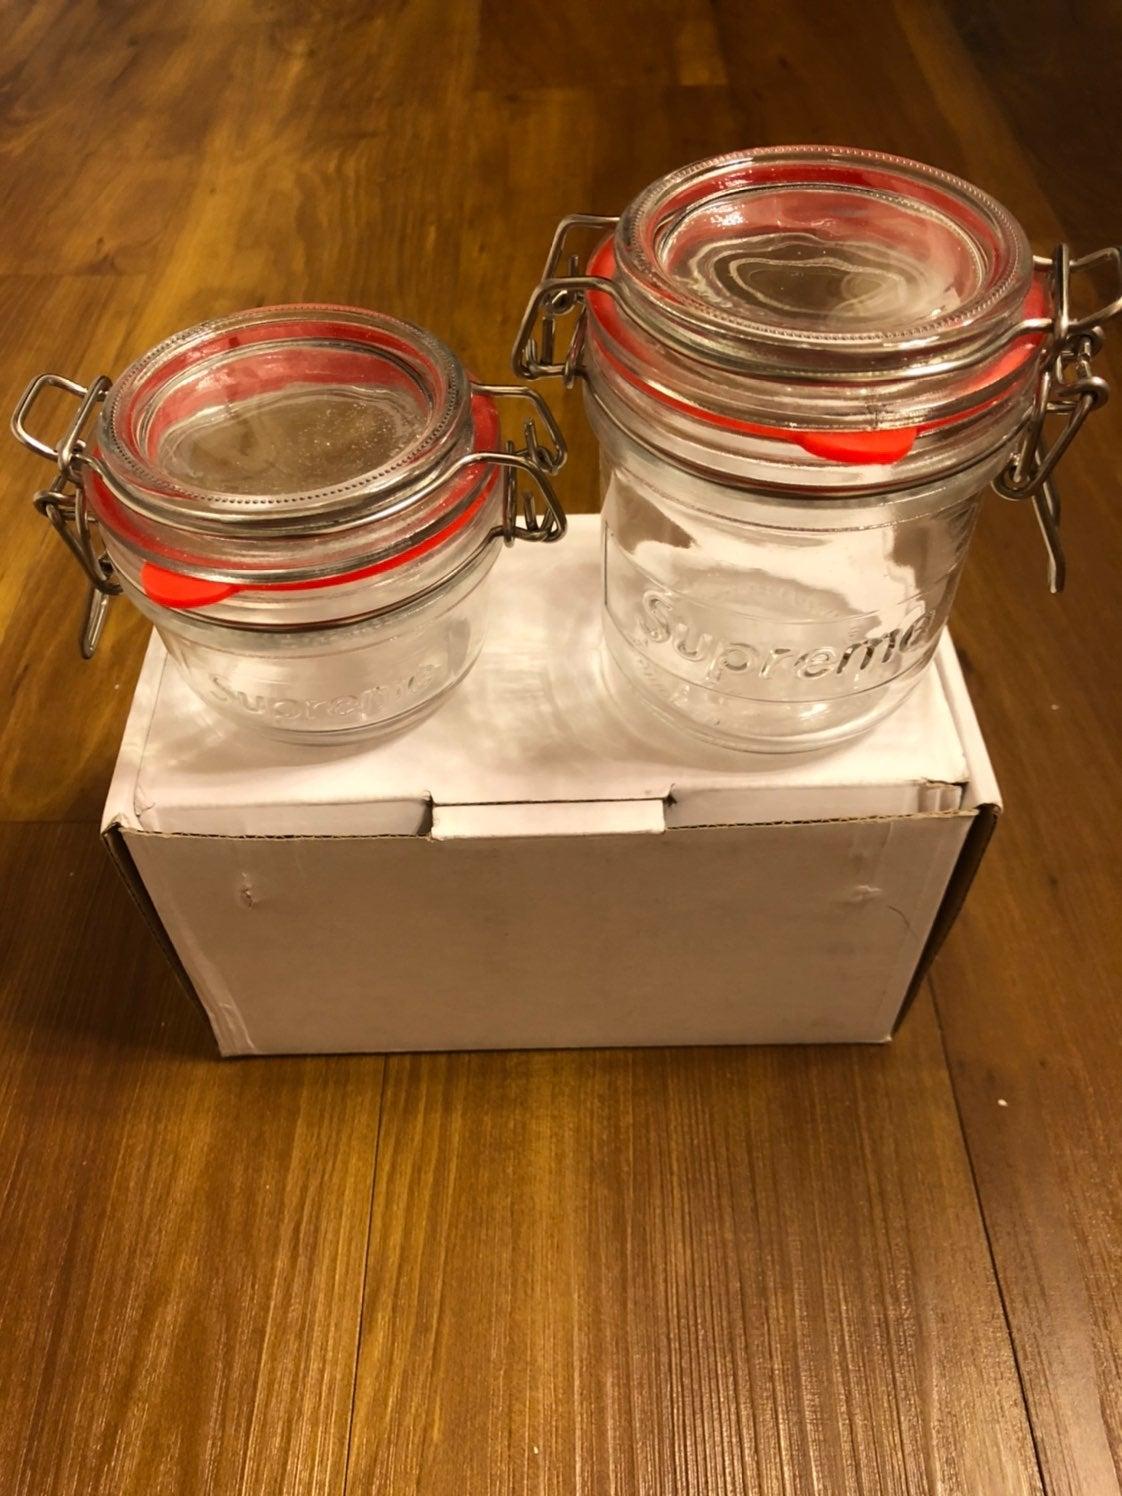 Supreme glass Jars set of 2